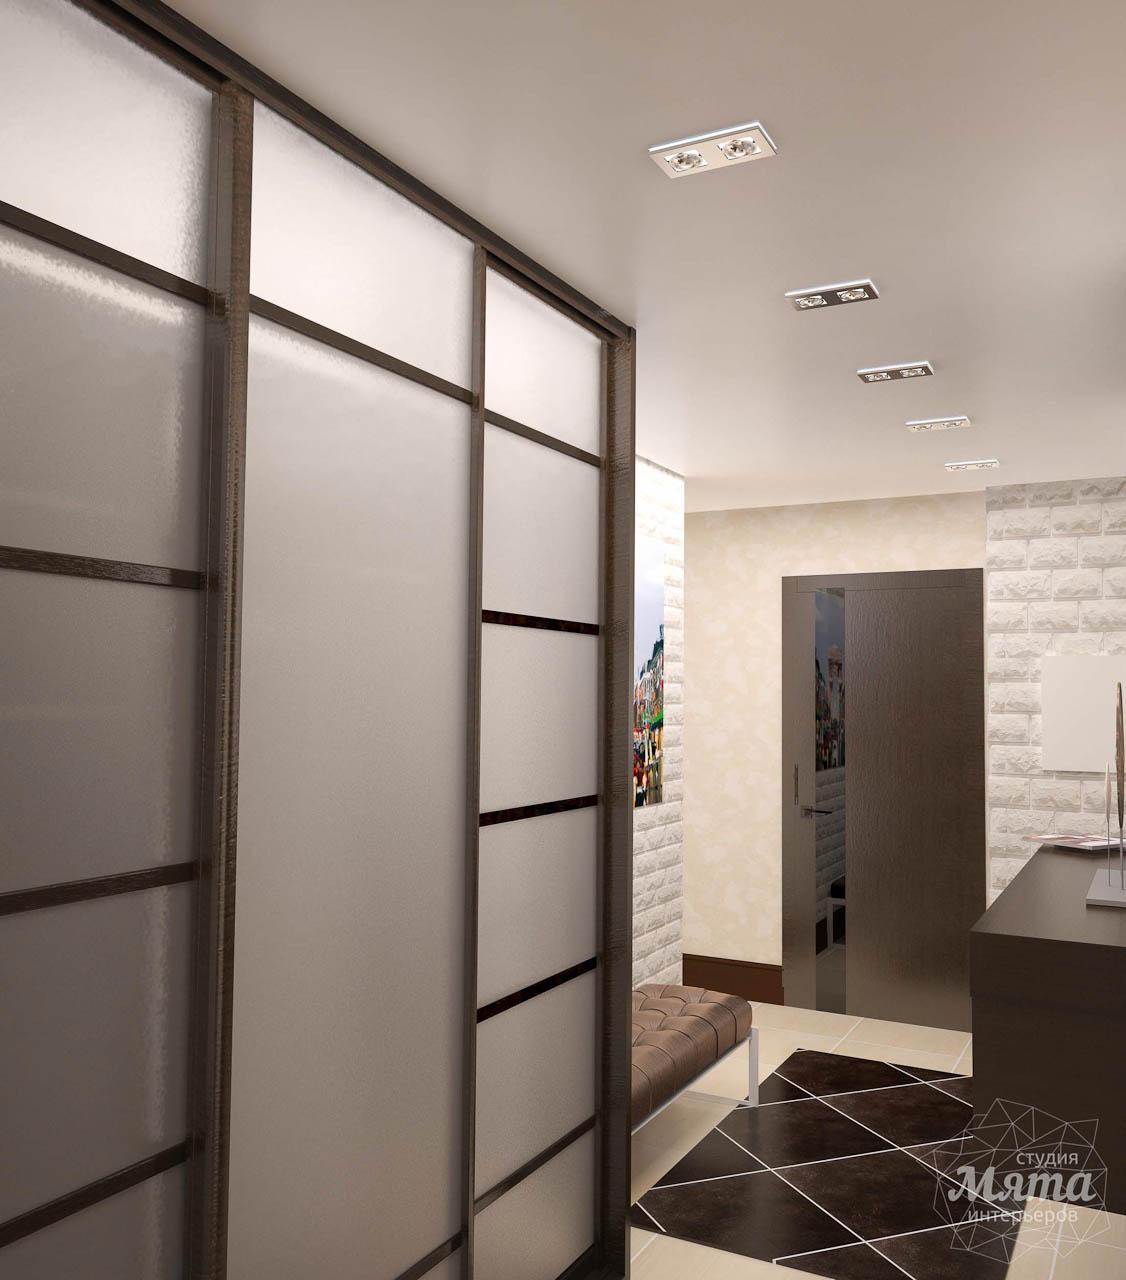 Дизайн интерьера трехкомнатной квартиры по ул. Белинского 222 img1035006225